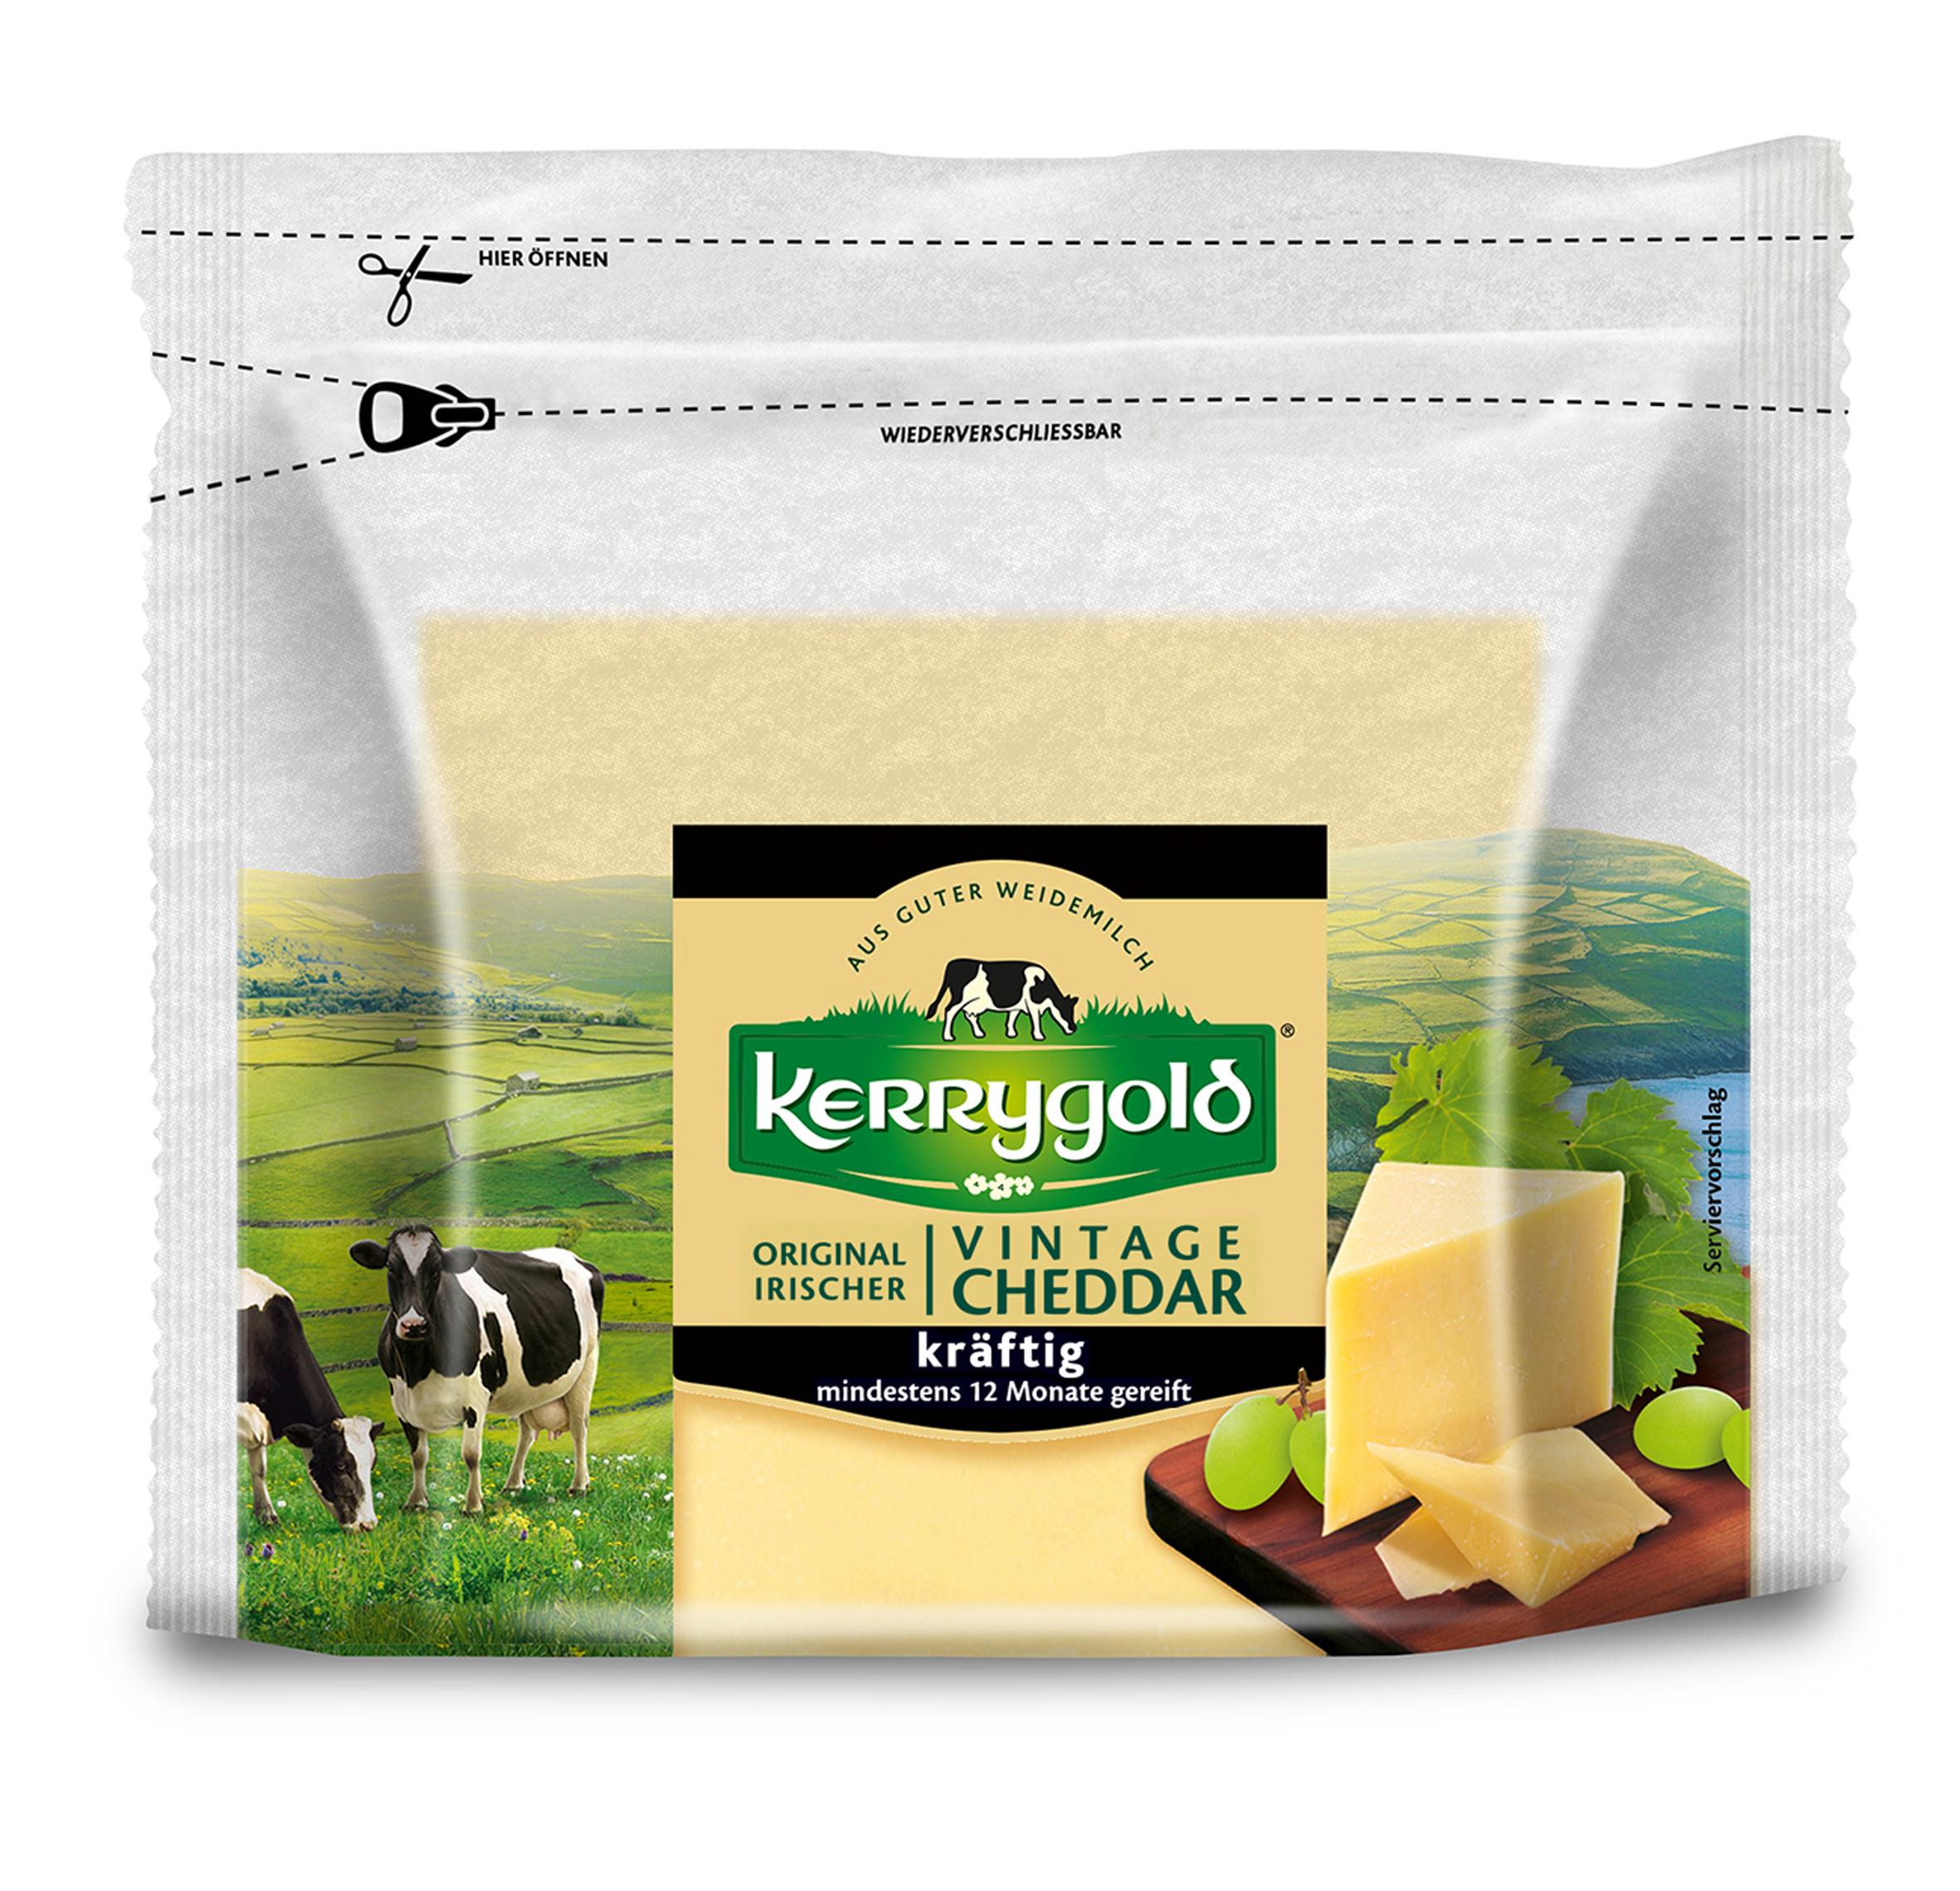 Kerrygold: Original irischer Vintage Cheddar